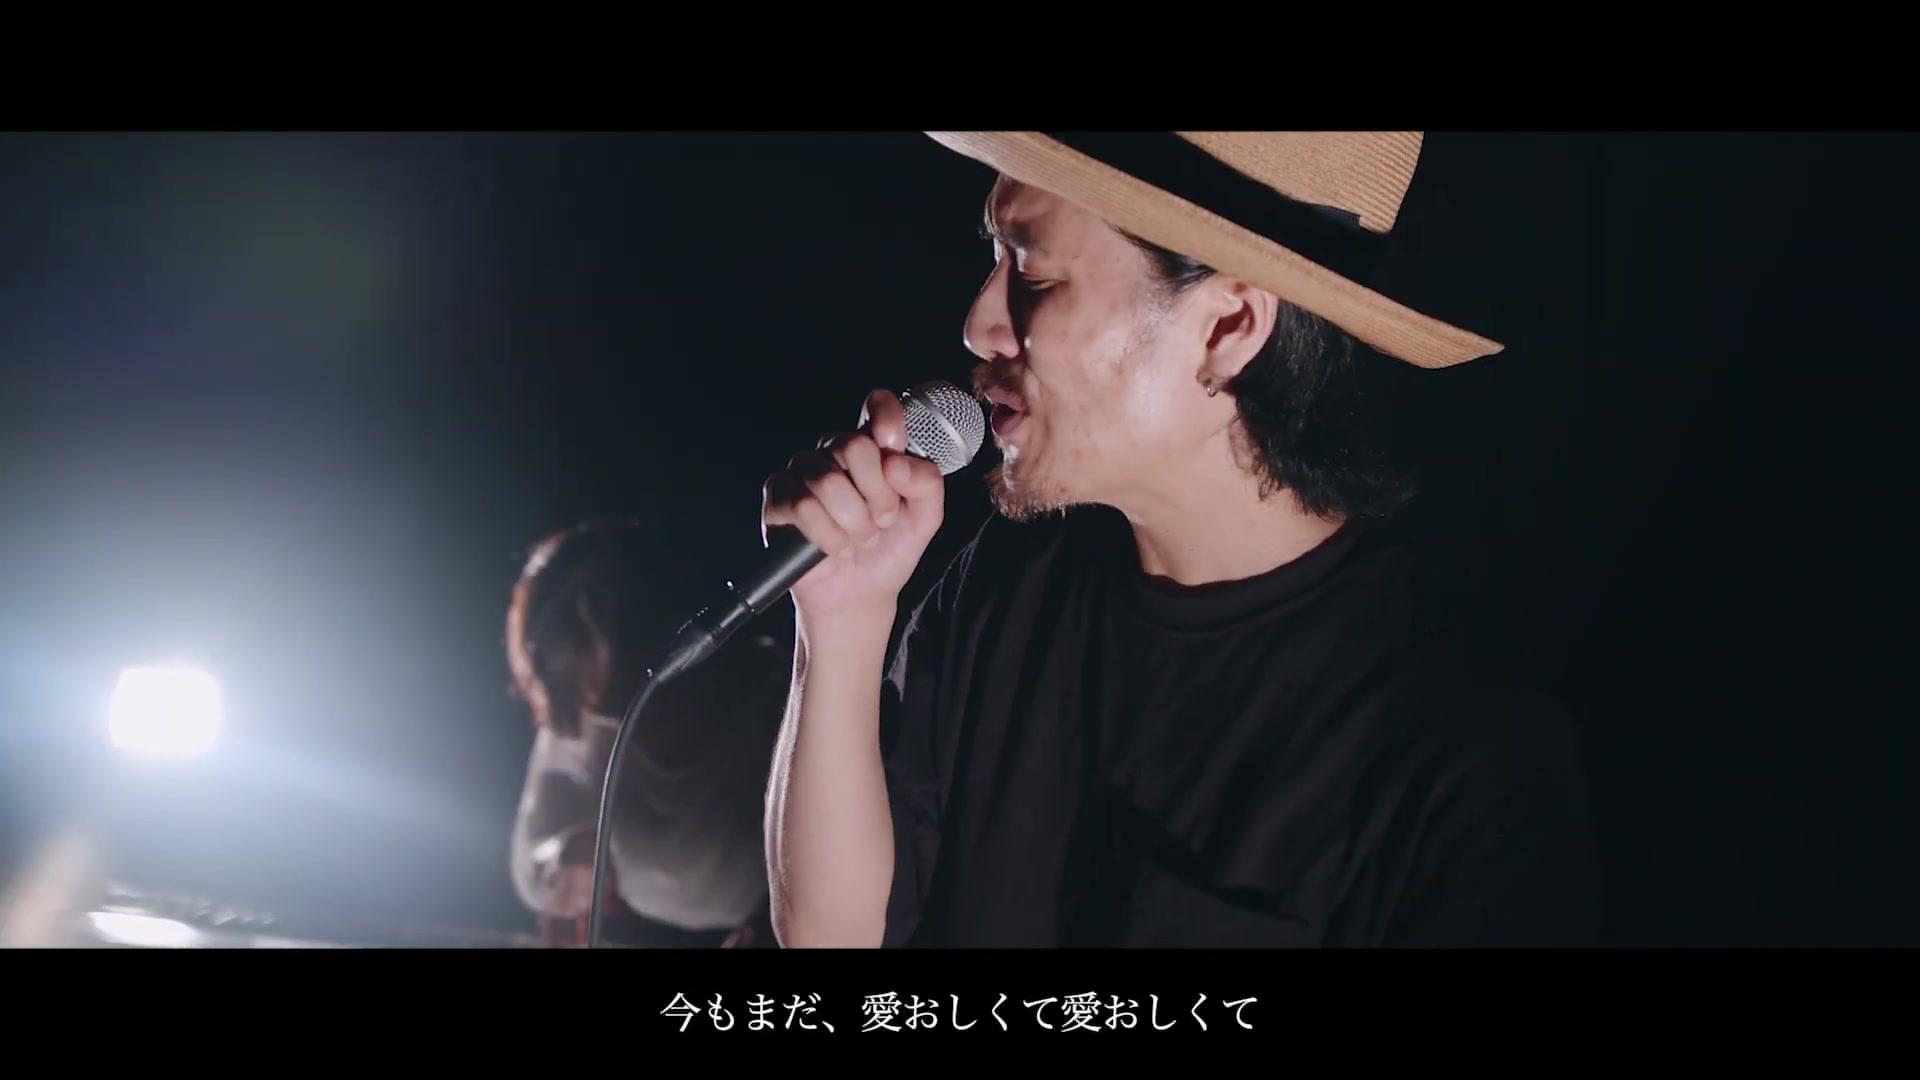 ナツノオワリ 枣泥 清水翔太 Aiemutv Acoustic Cover 哔哩哔